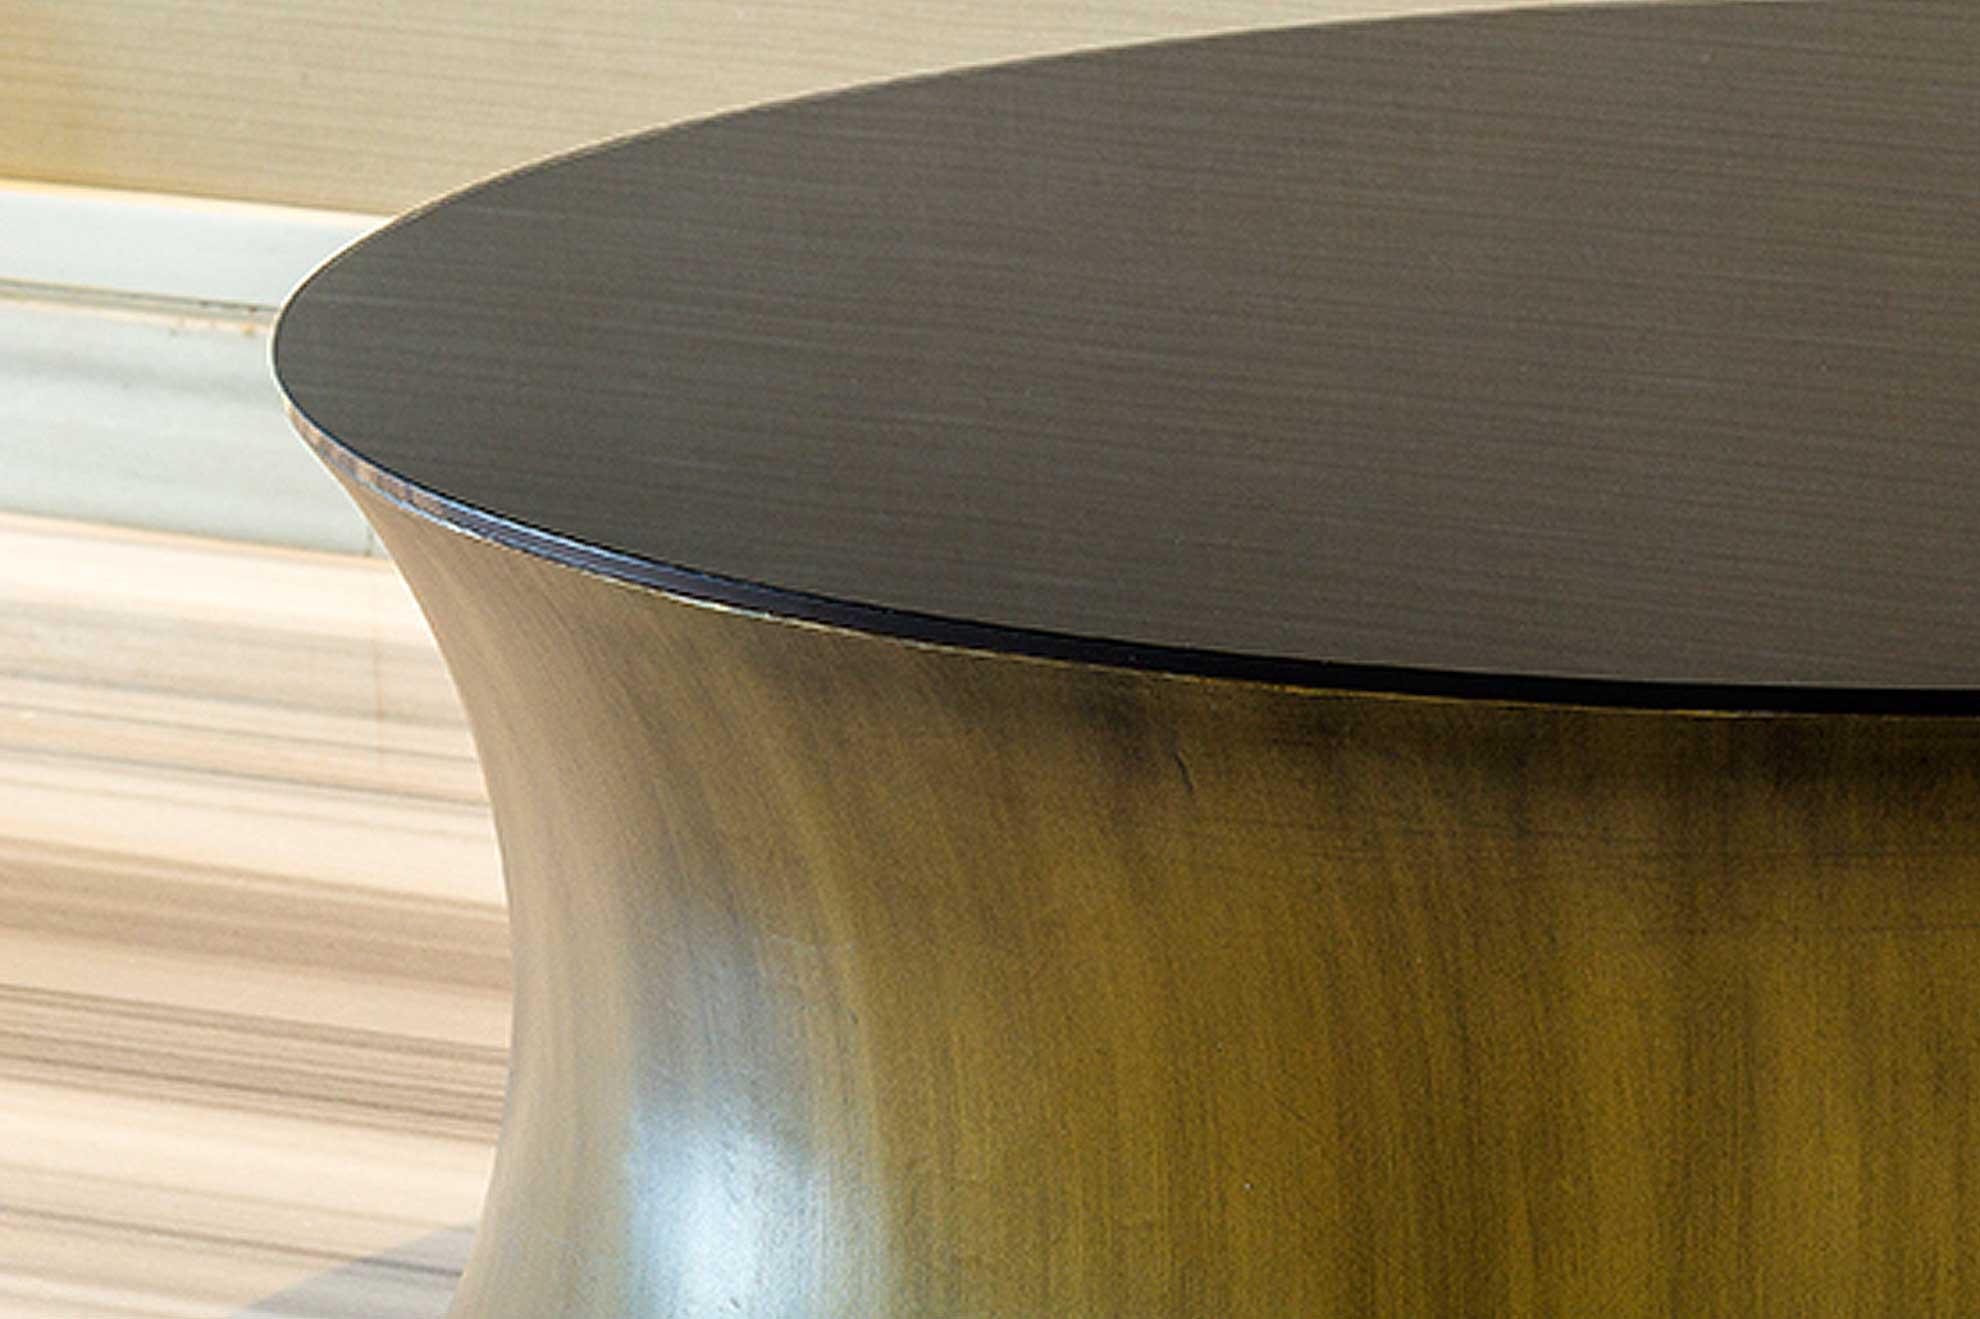 Mesa monolito de acero cepillado y vidrio pintado en negro, creada por el despacho arquitectónico Depa102